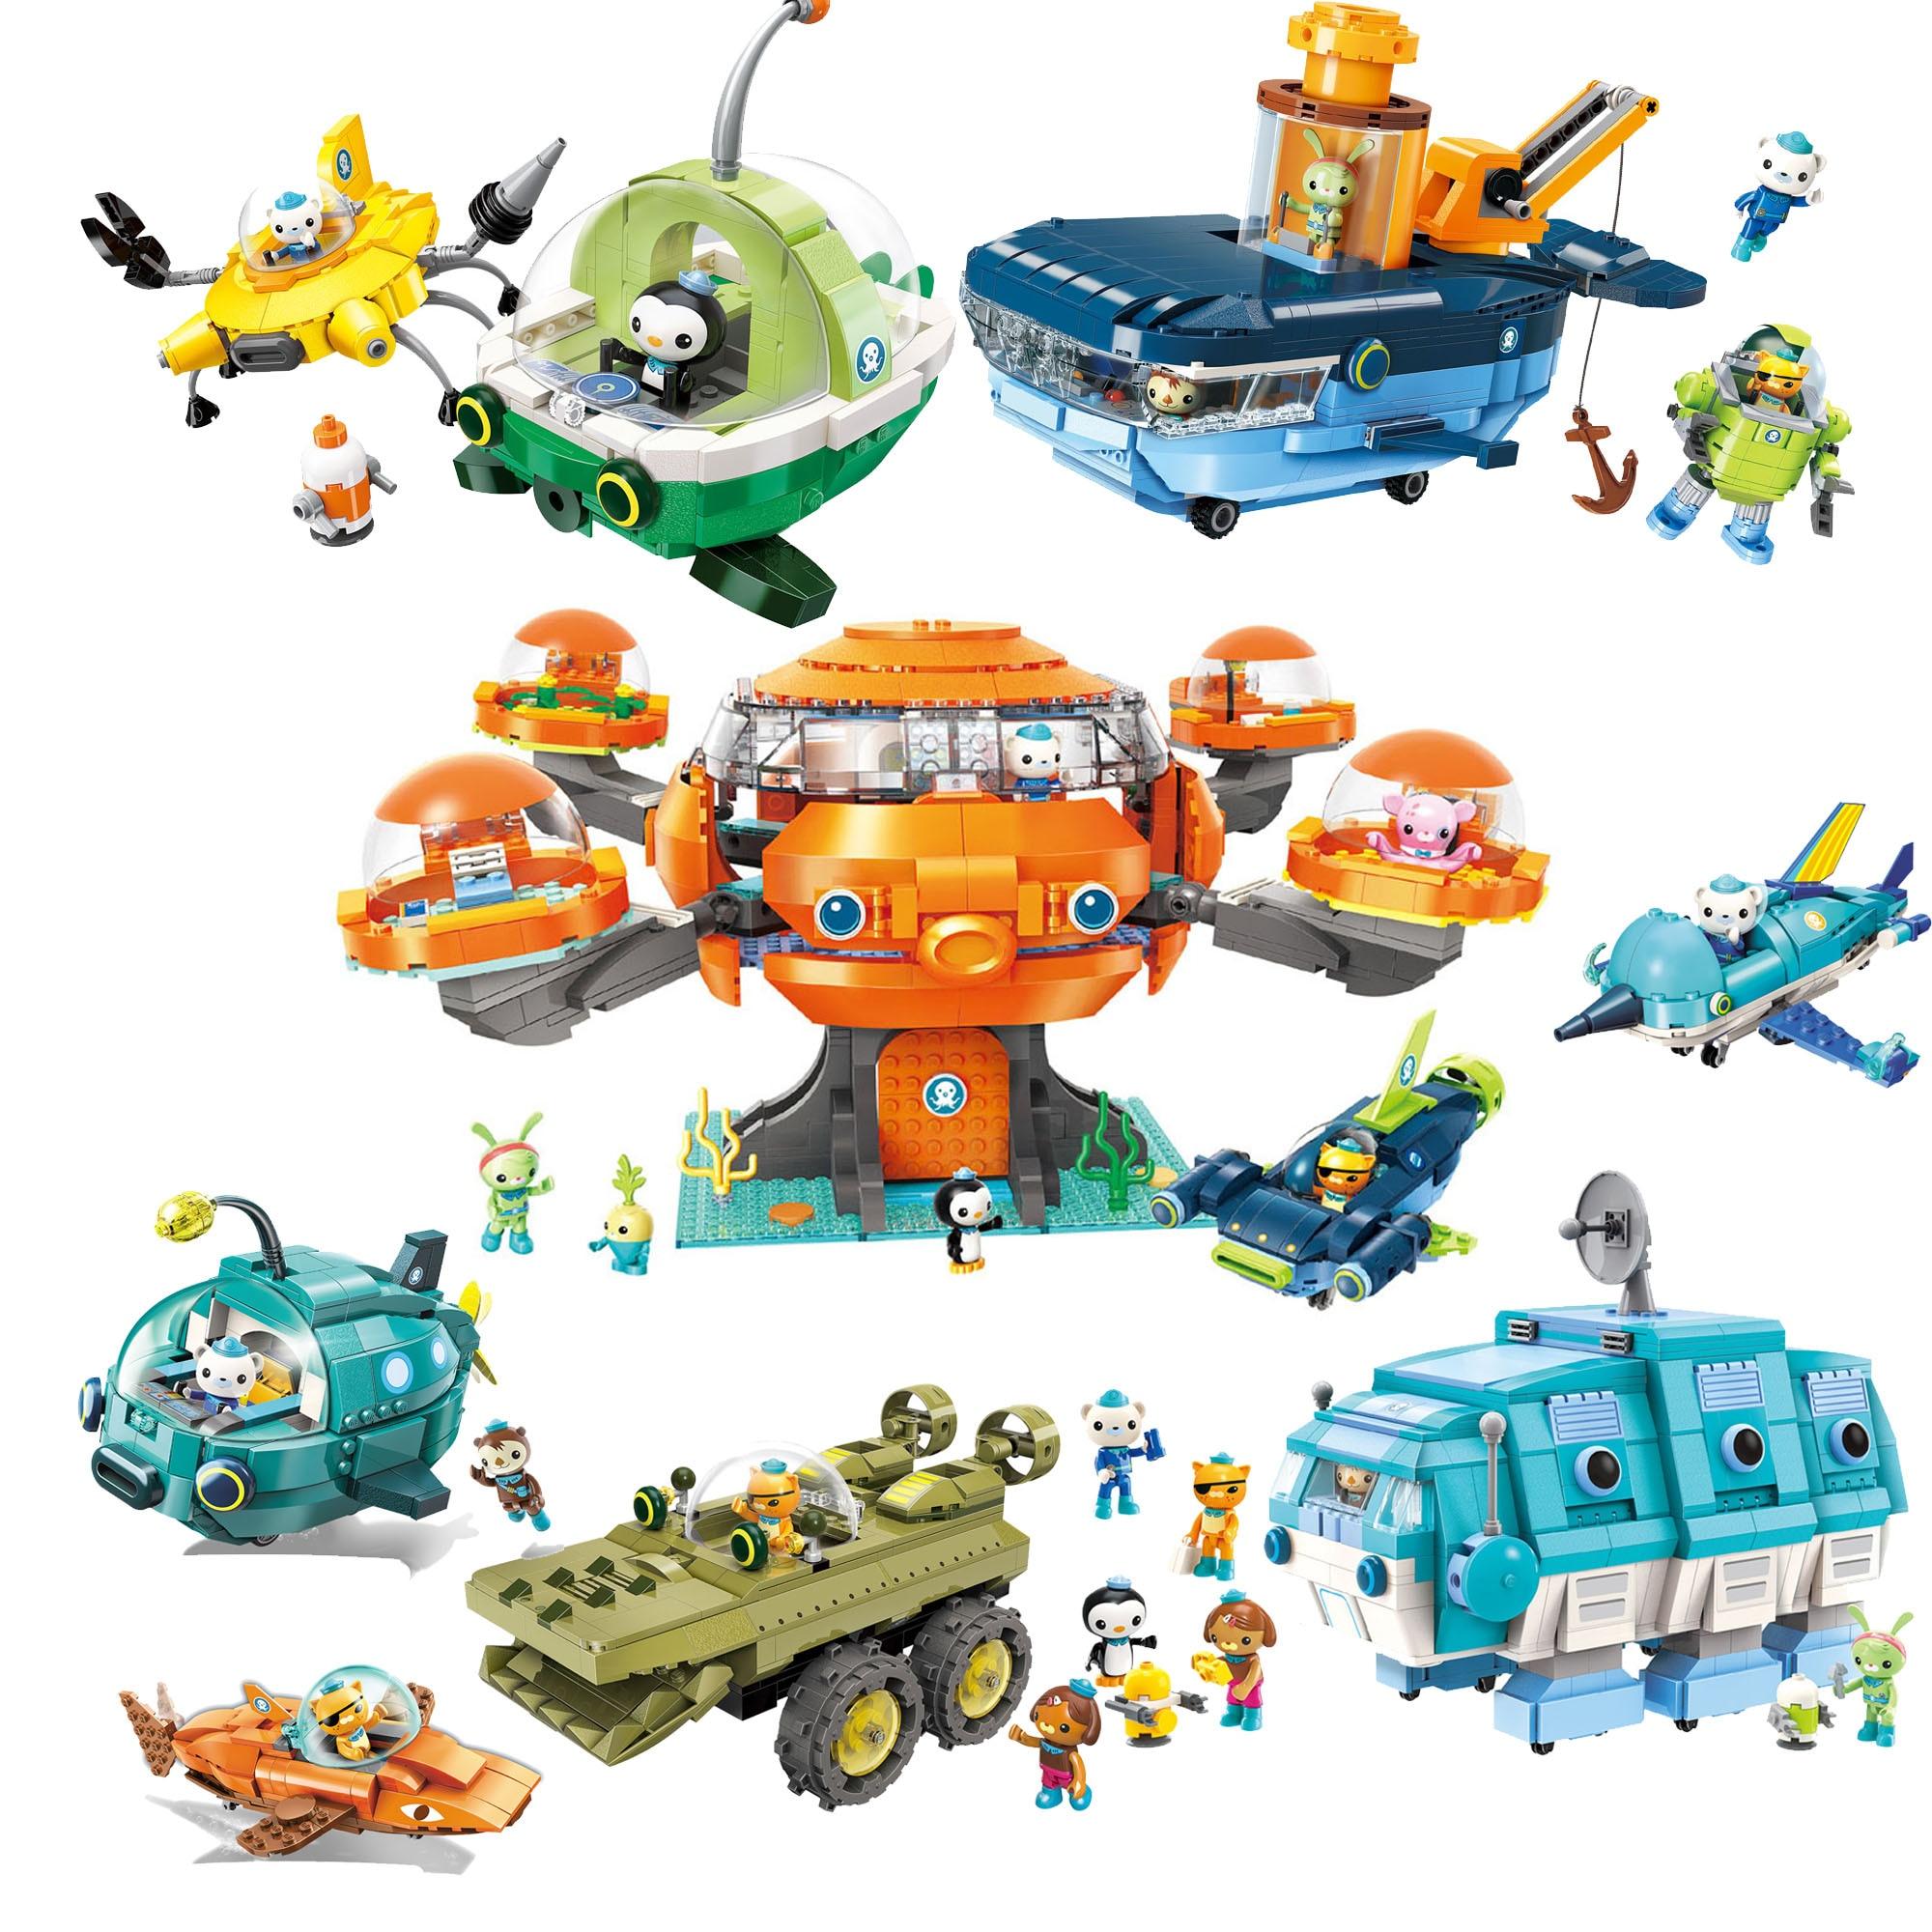 Bloco de Construção Octopod Octonauts Gup Submarino Barco De Outubro-Pod com GUP-C GUP-E GUP-D GUP-K GUP-I Tijolo set para As Crianças presente